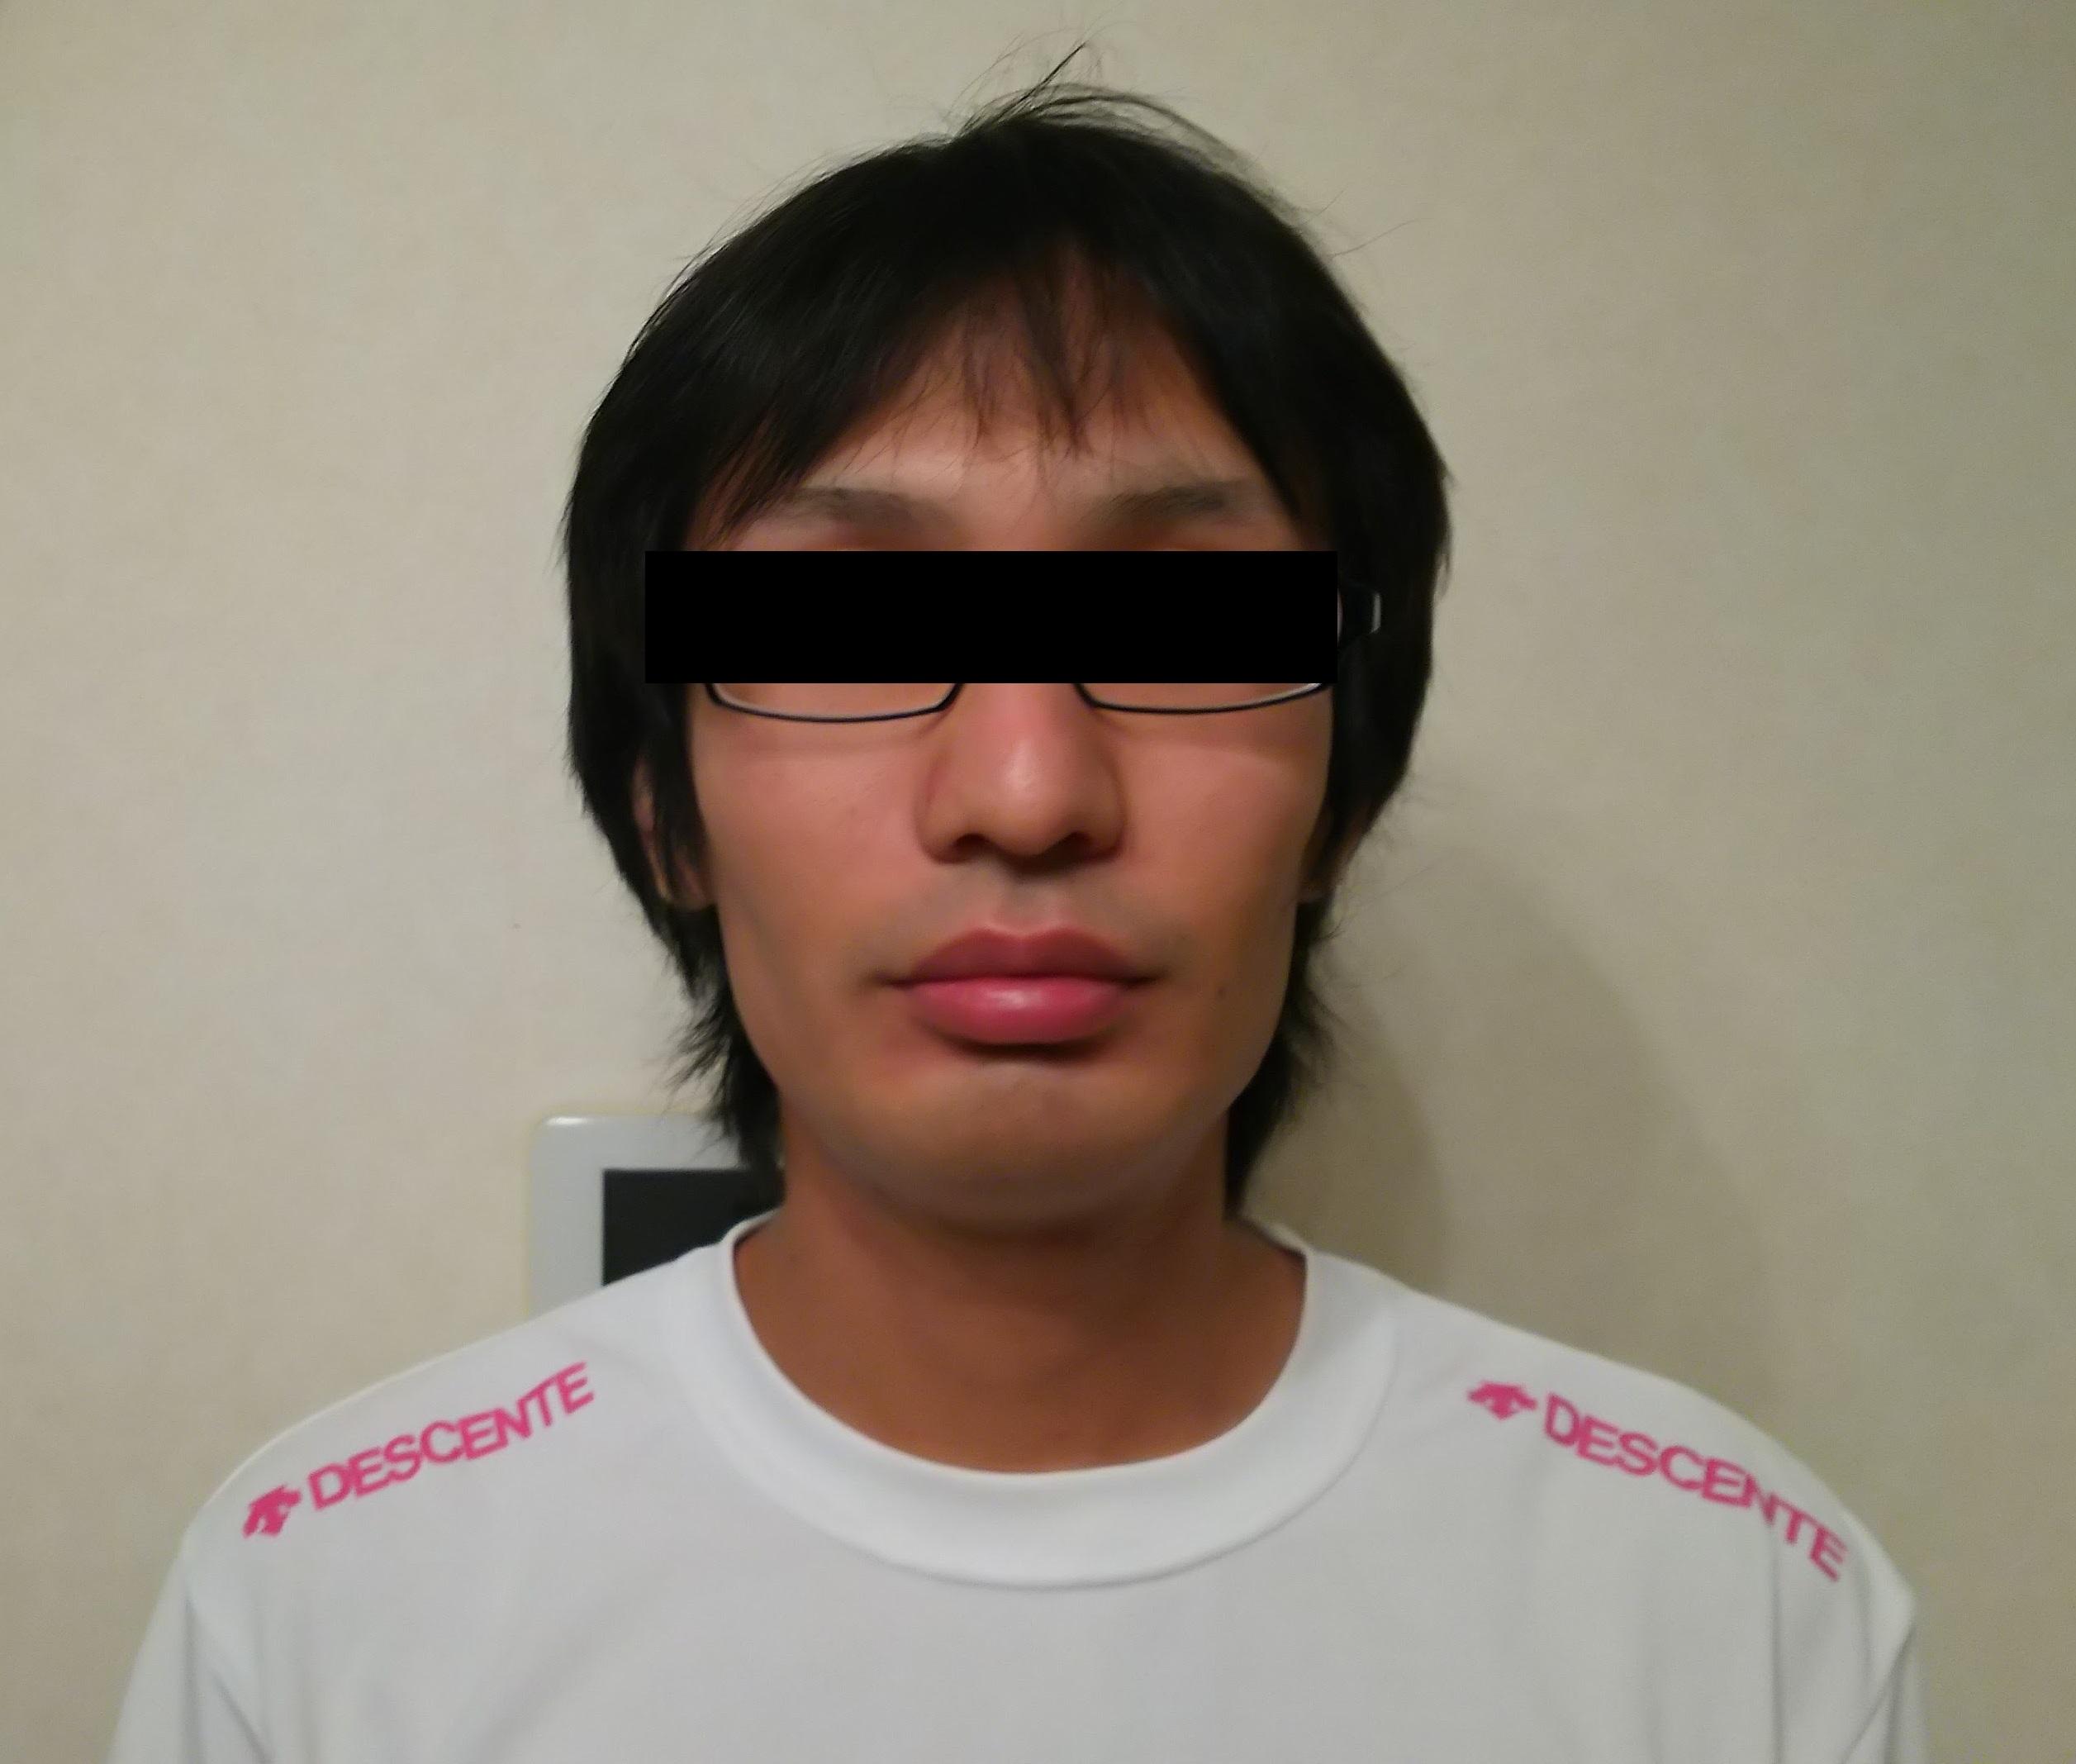 27歳男が頭を張って美容室のカットモデルになってきた